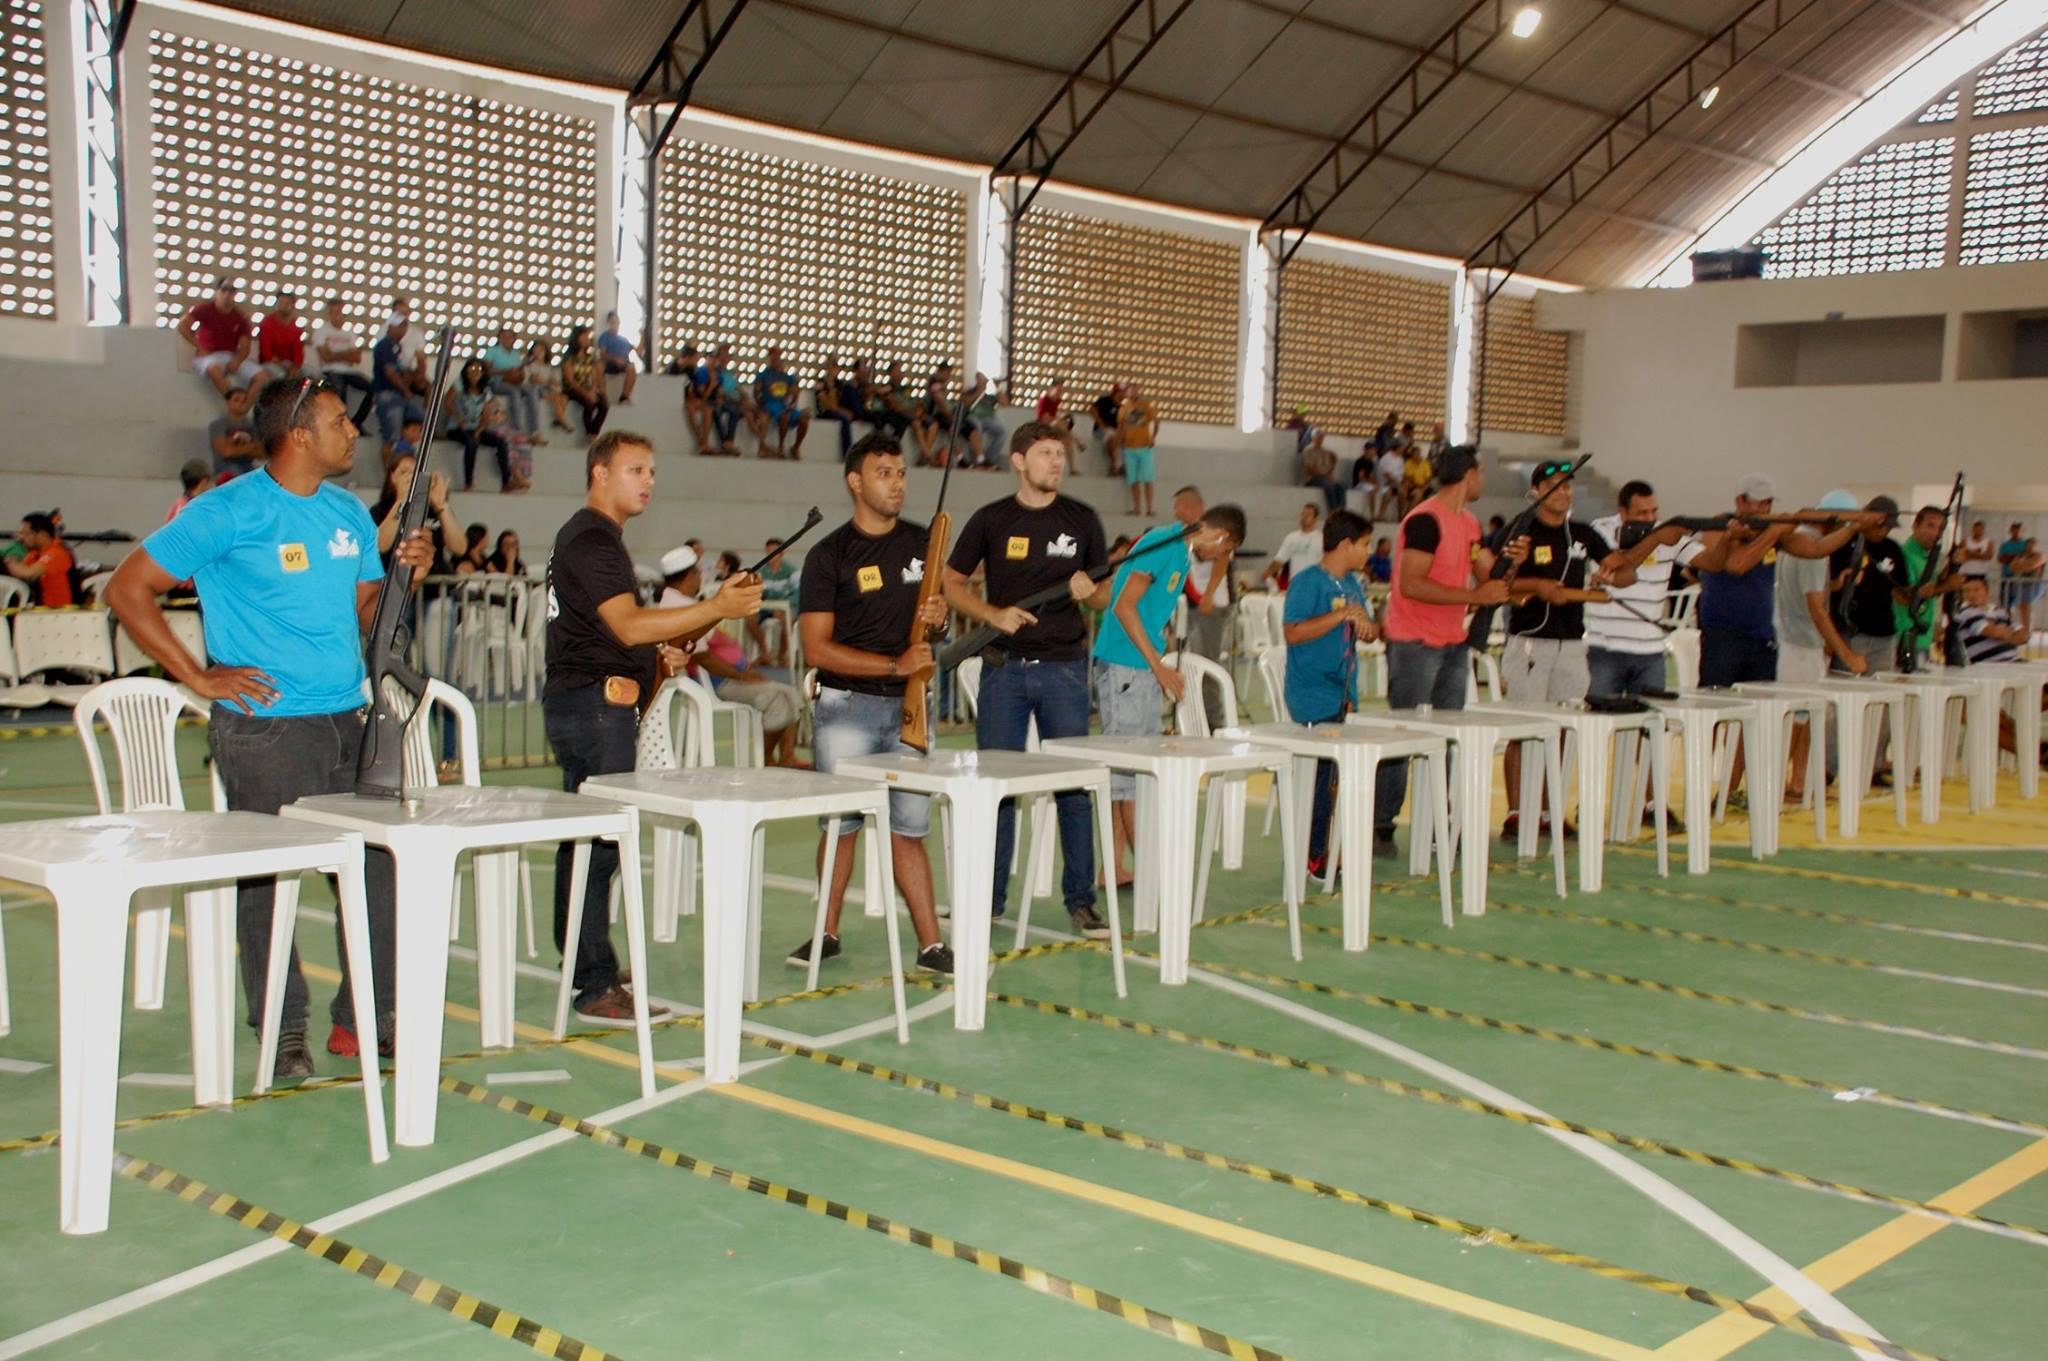 18738607_1889324458007411_2573191065321432667_o-300x199 Participantes comemoram o sucesso do Torneio de Tiro Esportivo de Monteiro